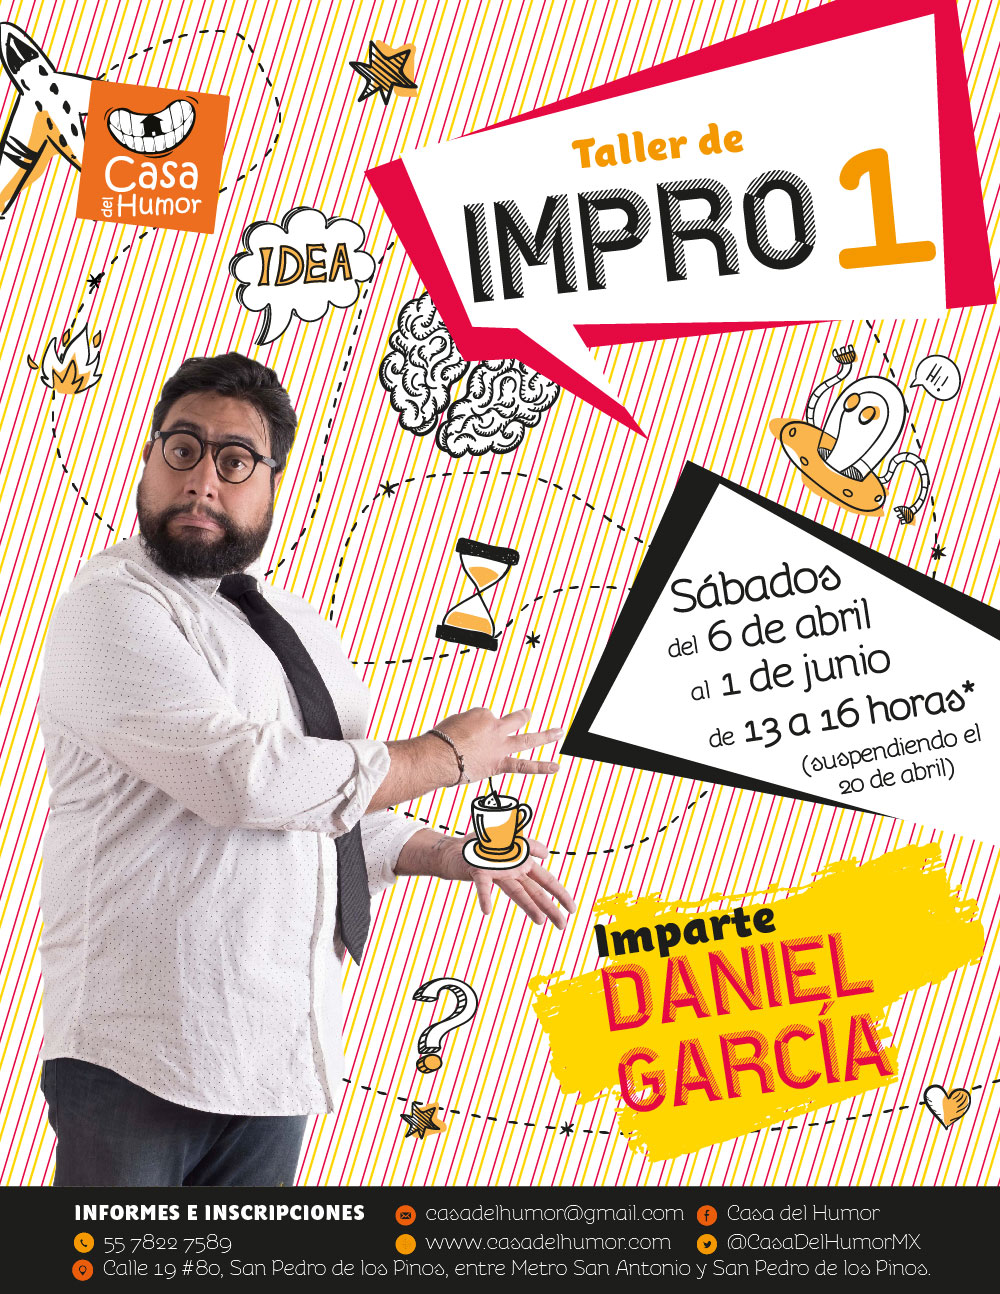 afiche_impro1 (3)